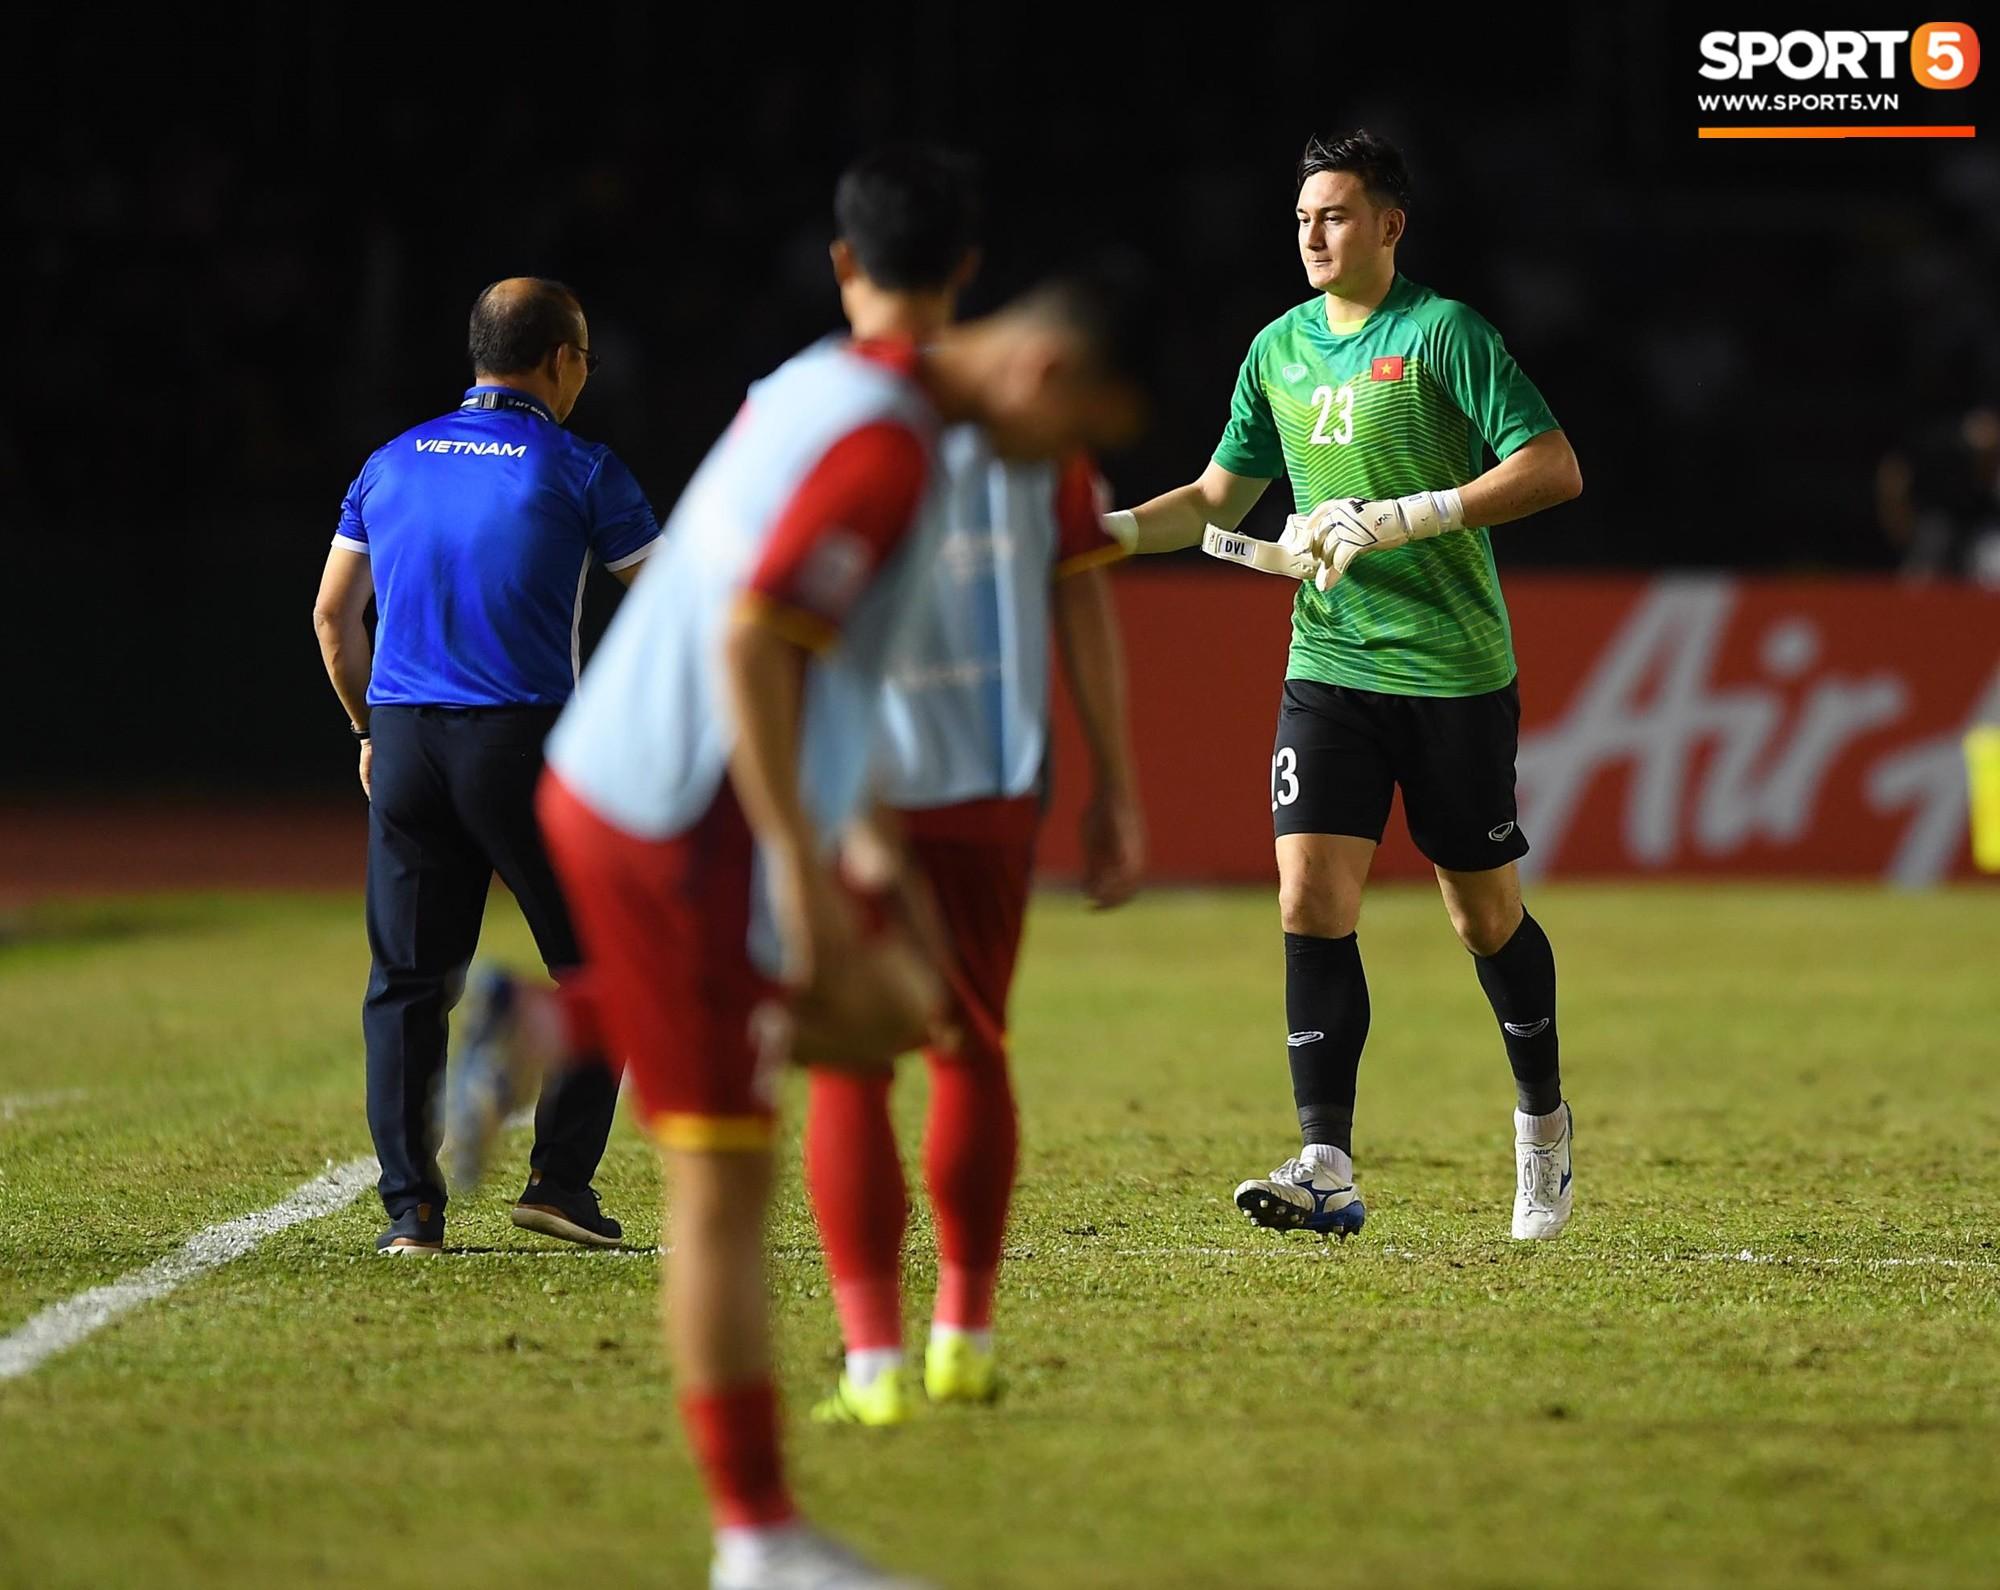 Đội tuyển Việt Nam lập kỷ lục chưa từng có trong lịch sử AFF Cup-1